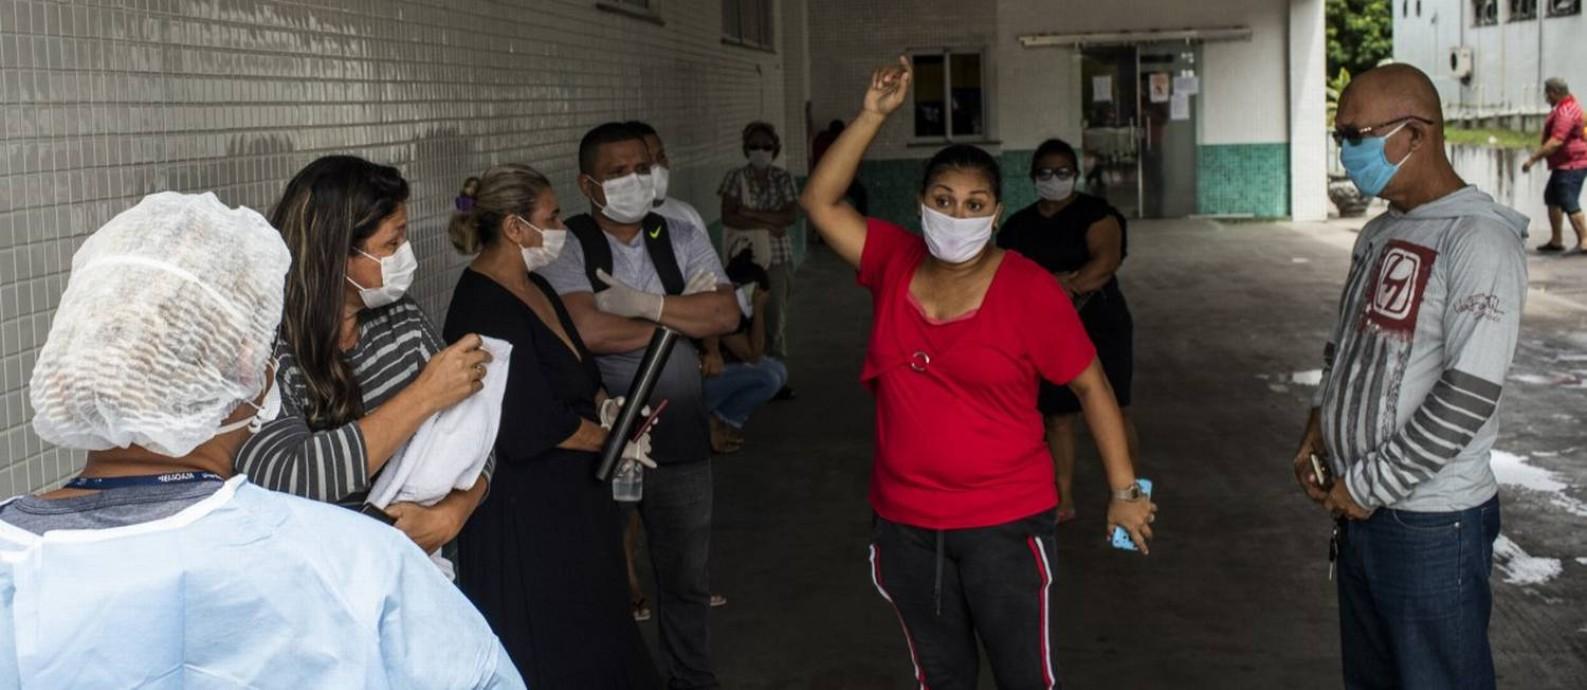 Manaus: ccolapso do sistema de Saúde Pública Foto: Raphael Alves / Agência O Globo